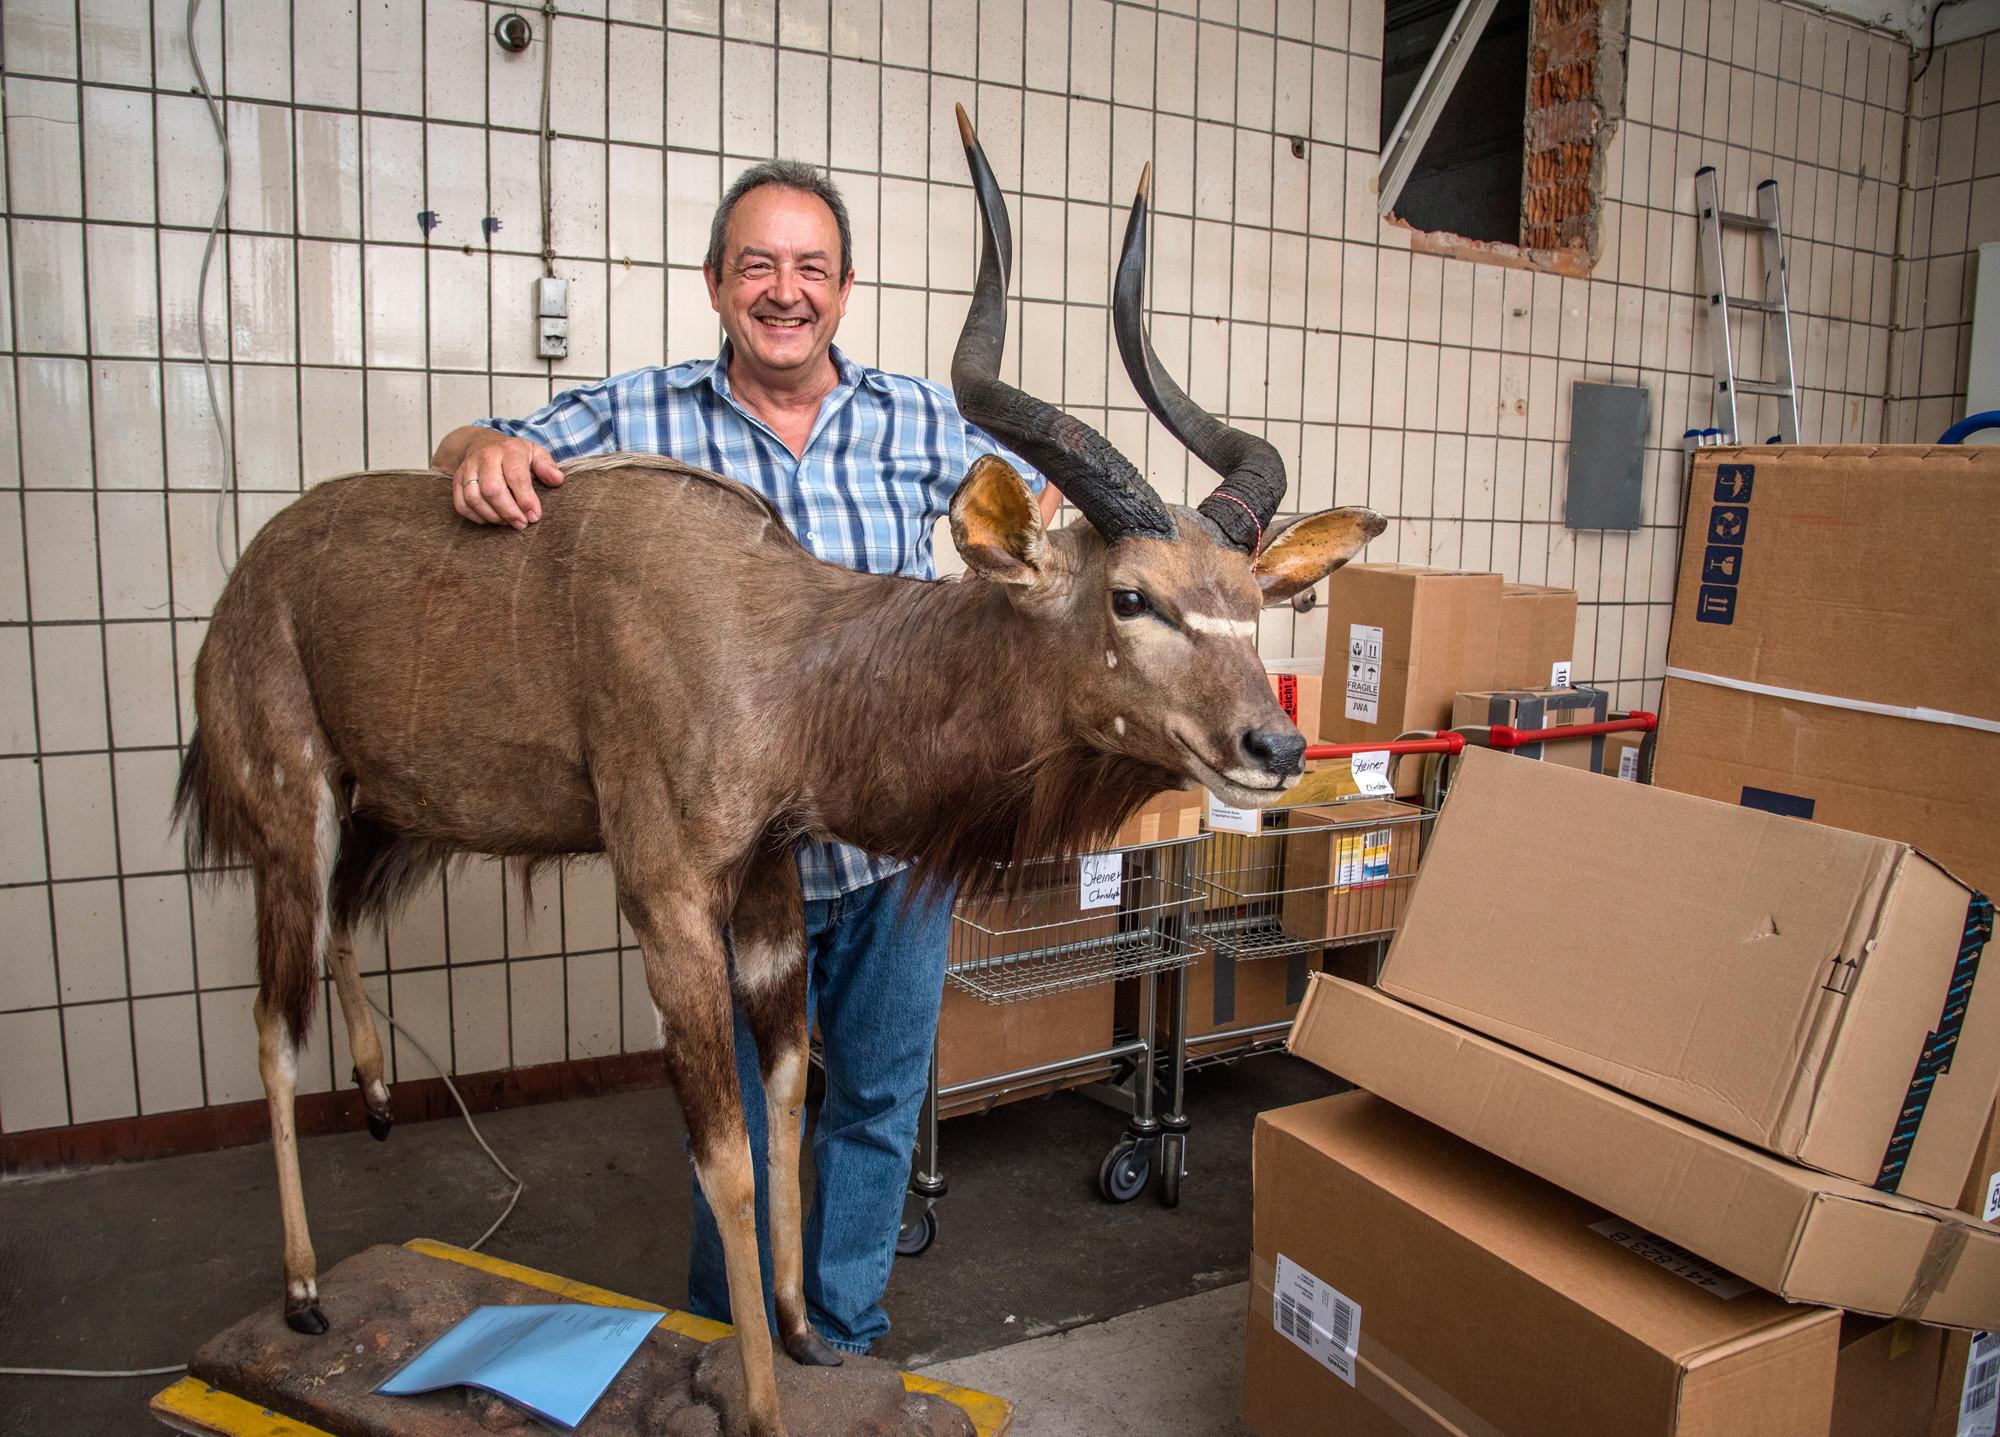 Edgar Geiger nimmt Pakete mit bis zu 1,6 Tonnen Gewicht an.